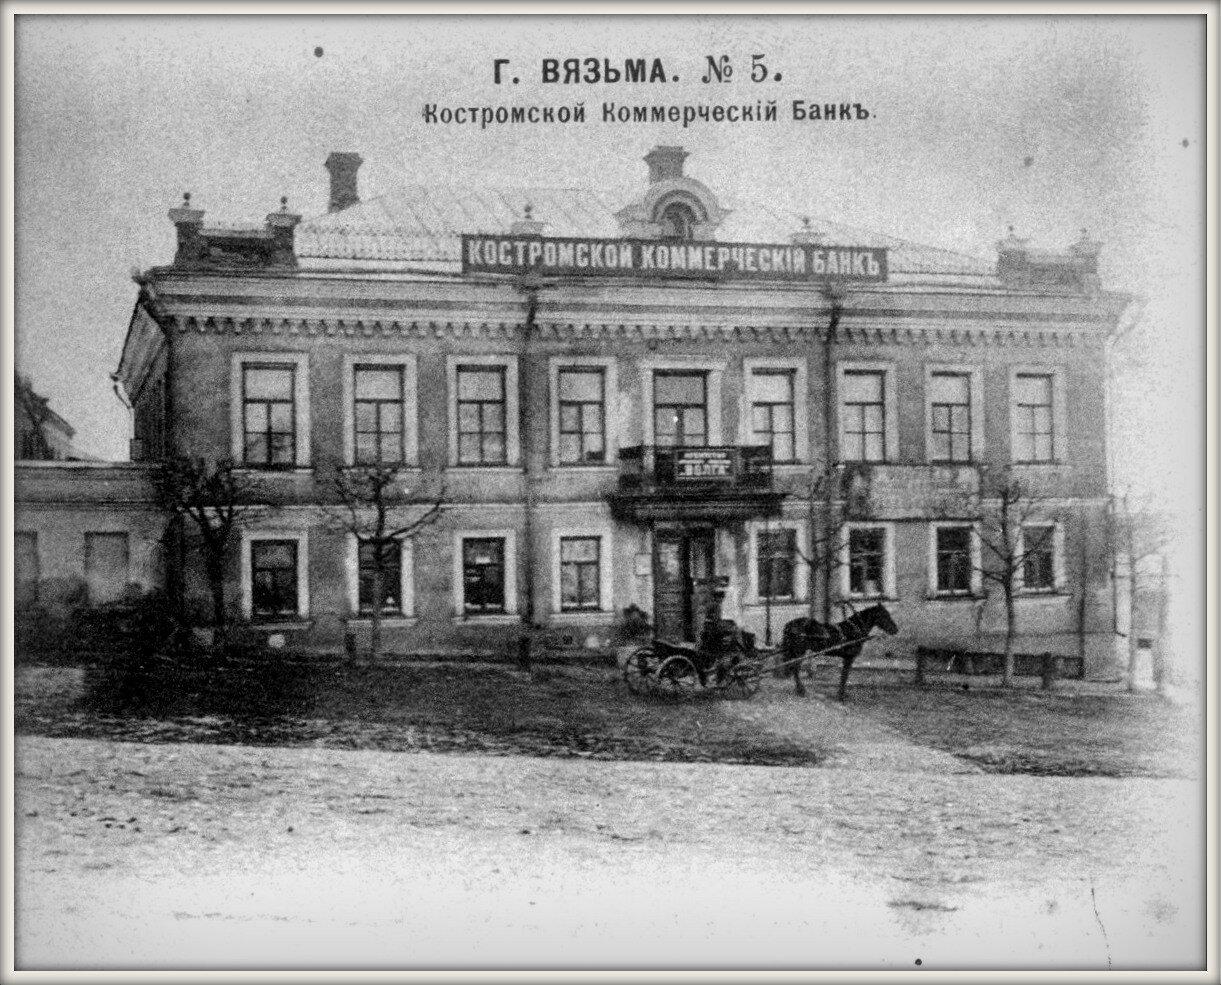 Костромской Коммерческий Банк